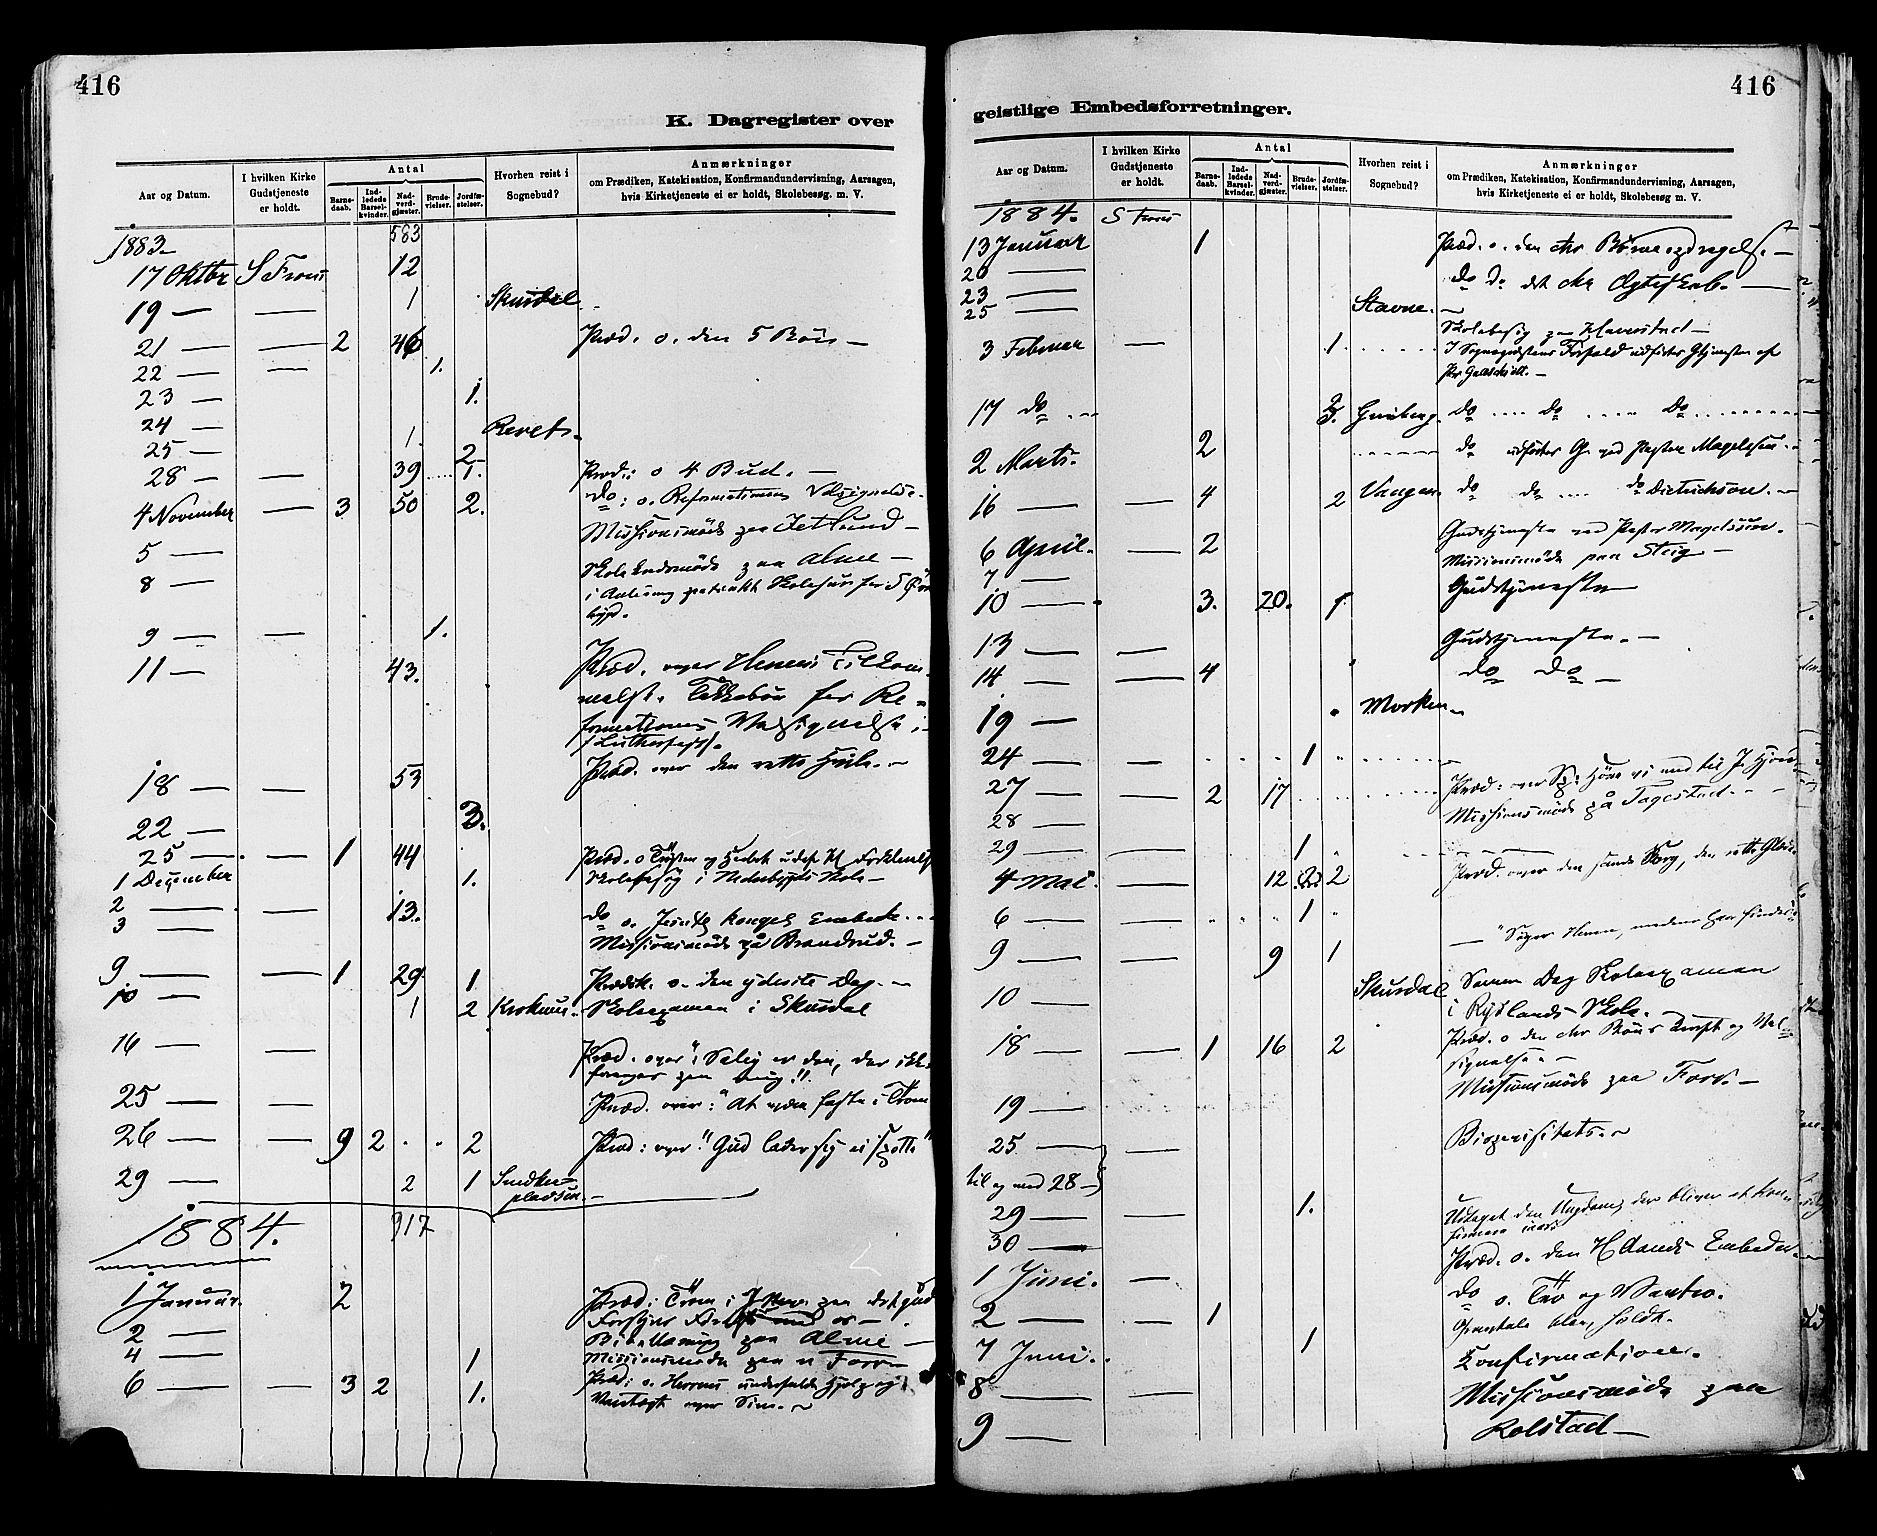 SAH, Sør-Fron prestekontor, H/Ha/Haa/L0003: Ministerialbok nr. 3, 1881-1897, s. 416